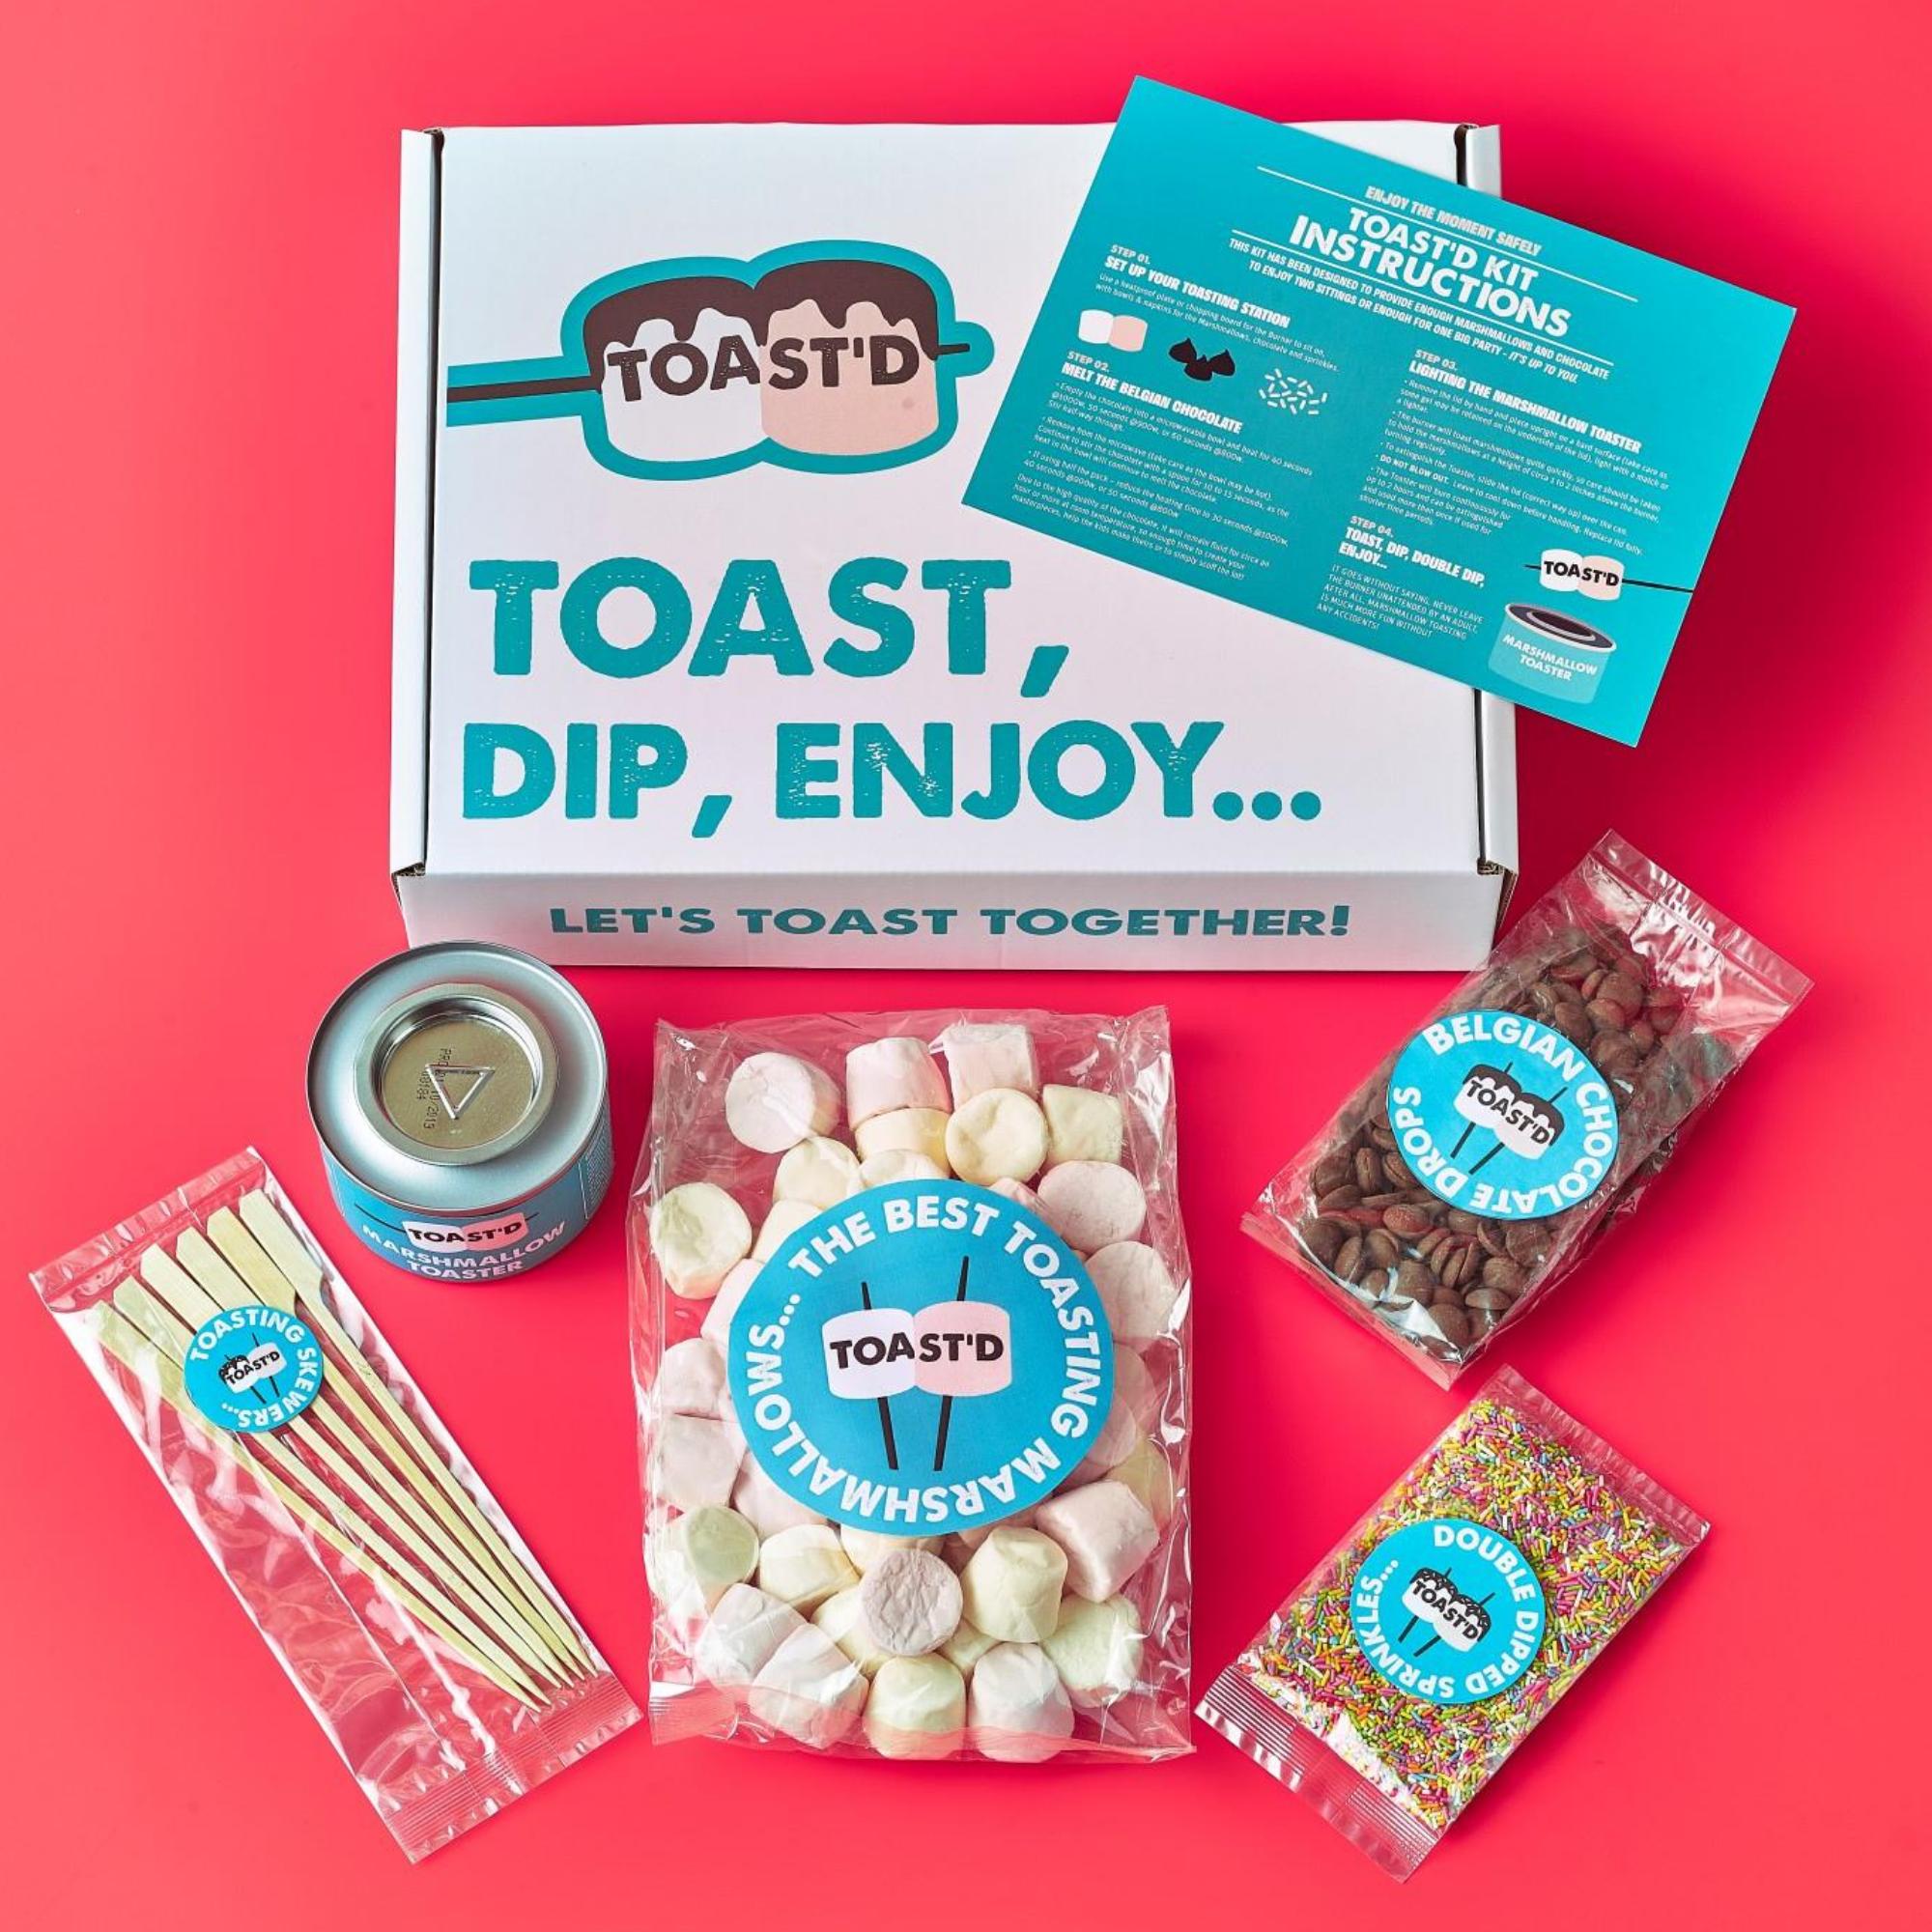 Toast'd marshmallow kit